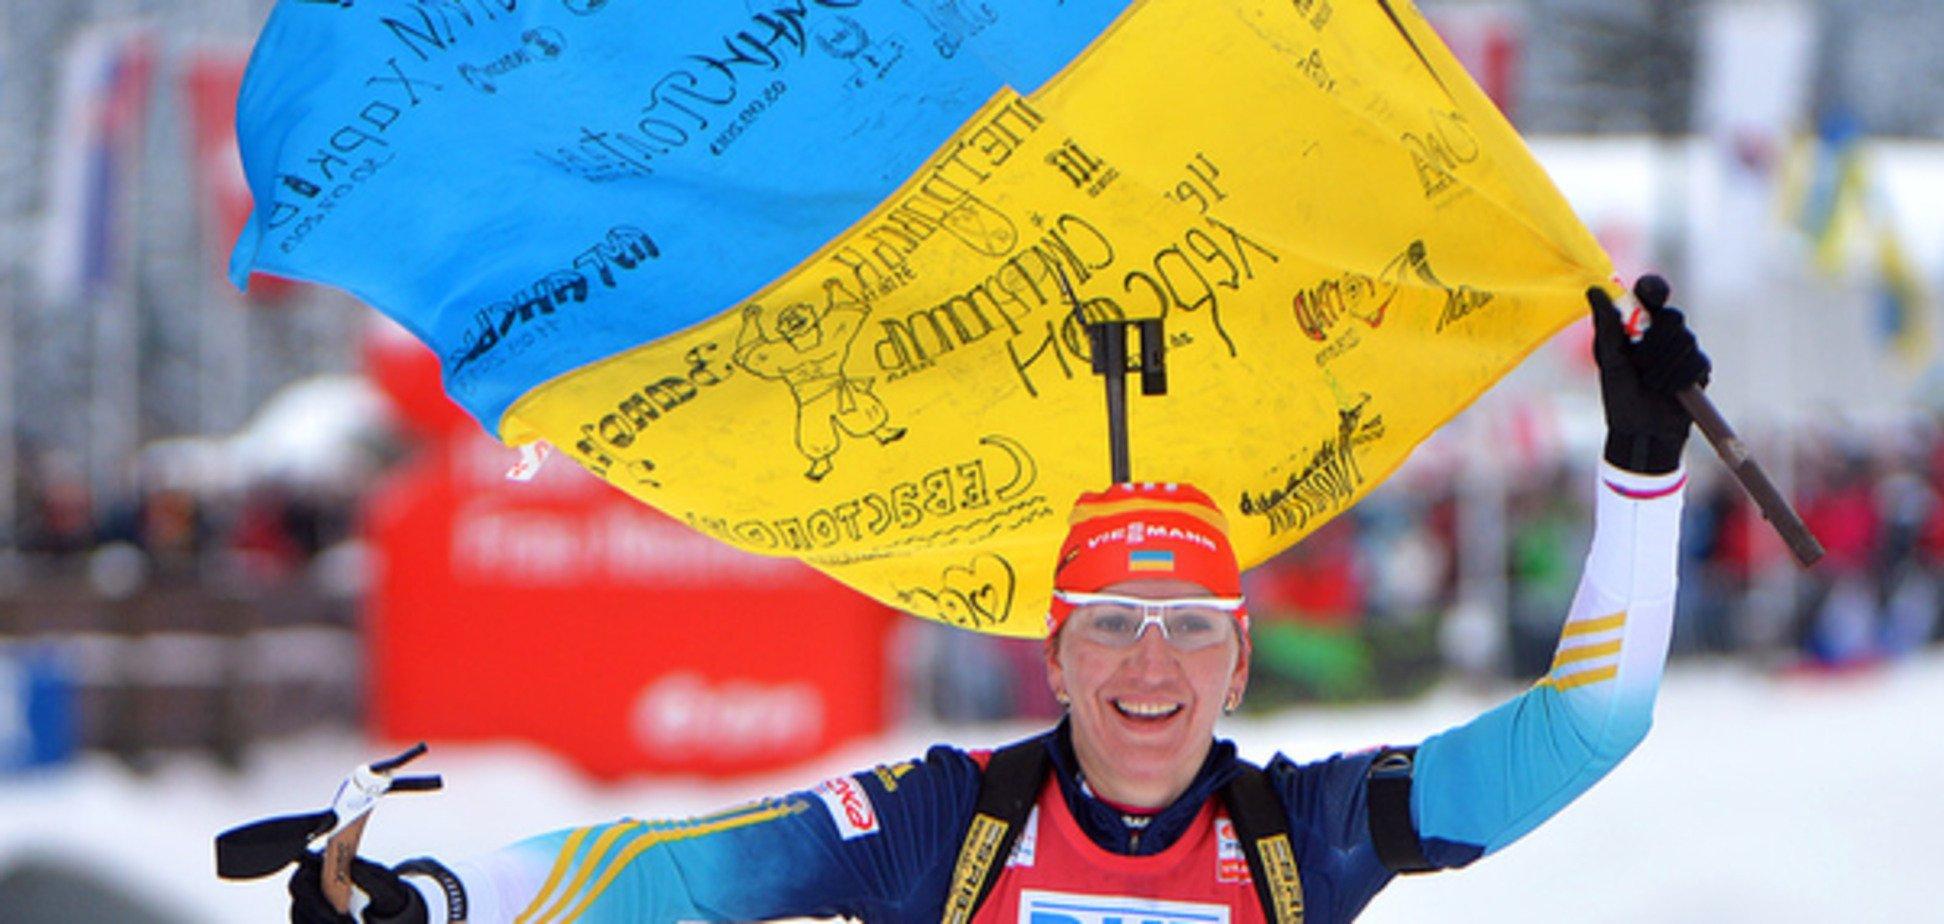 Україна виграла 'бронзу' на Кубку світу з біатлону